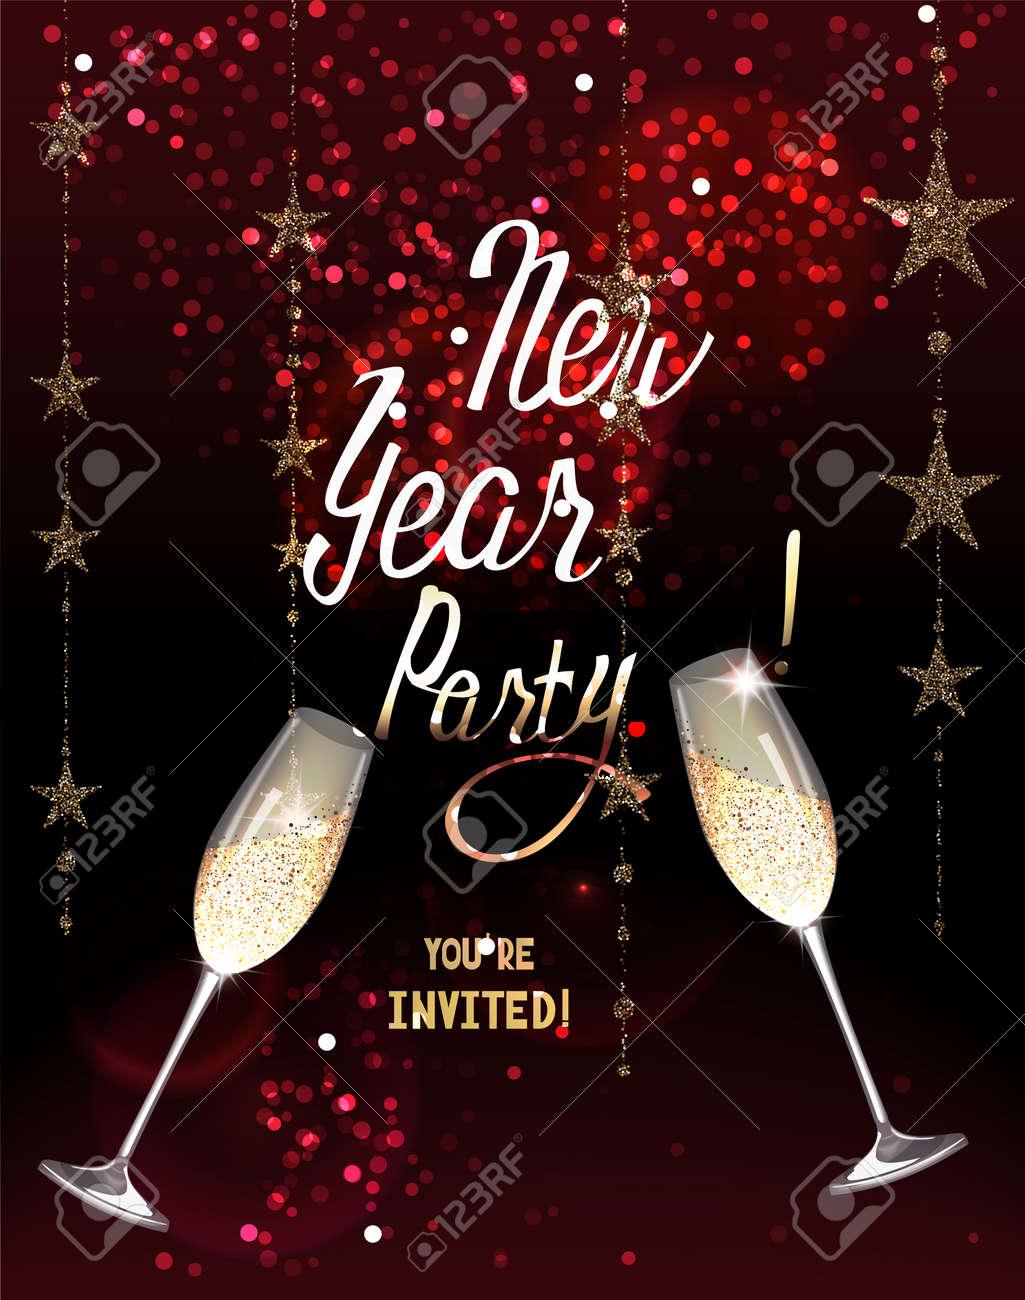 Tarjeta De Invitación De La Fiesta De Año Nuevo Con Guirnaldas De Oro Brillantes Y Copas De Champán Ilustración Vectorial